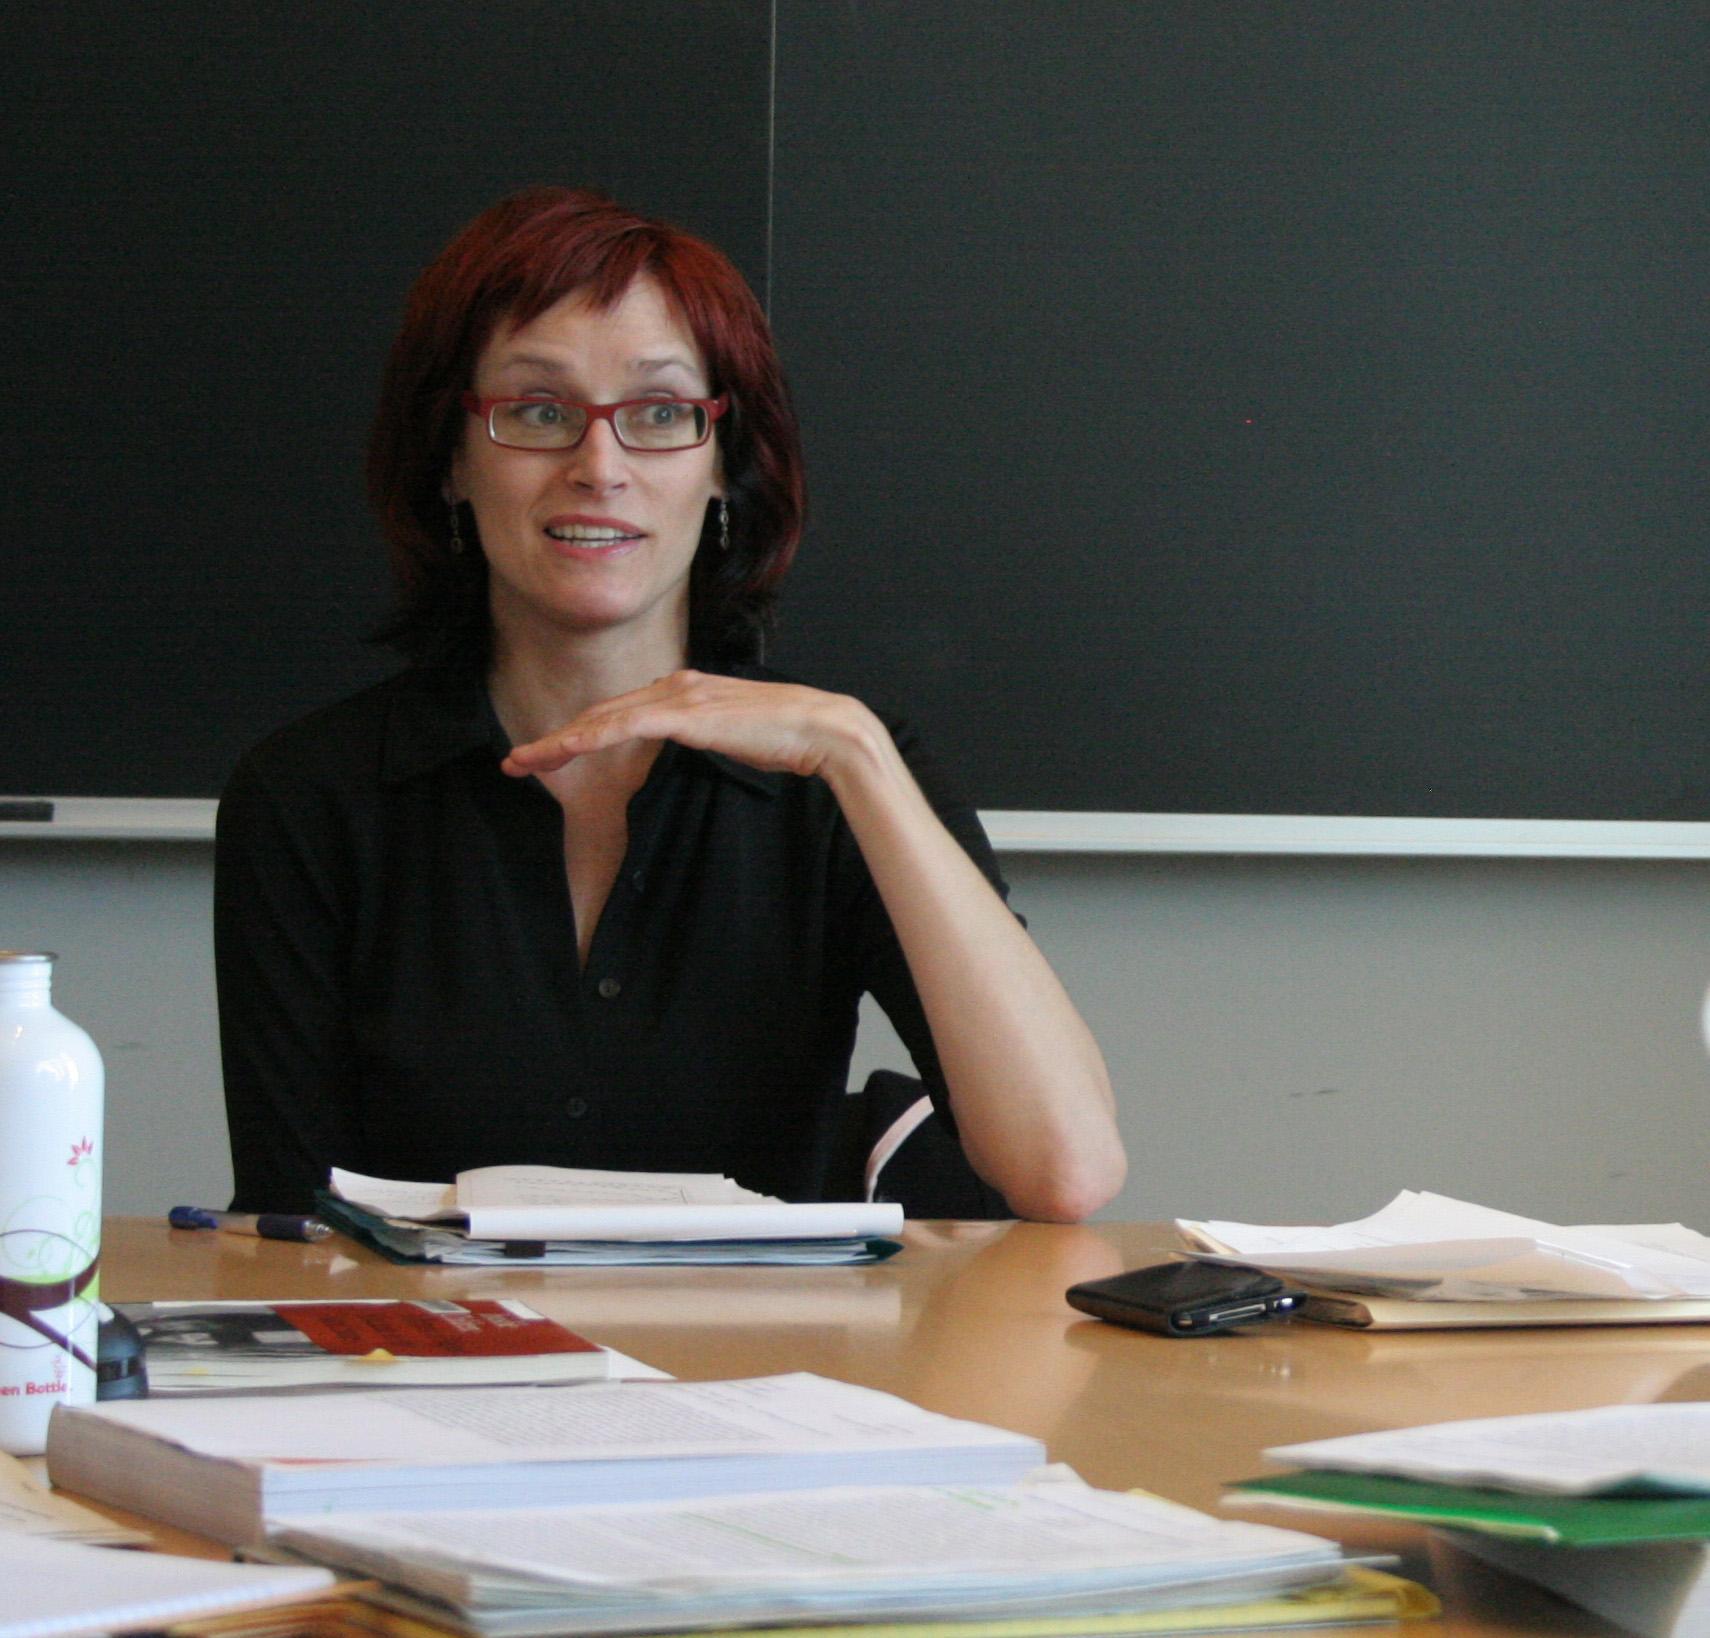 ebook Zakboek ziektebeelden Gastro enterologie 2009